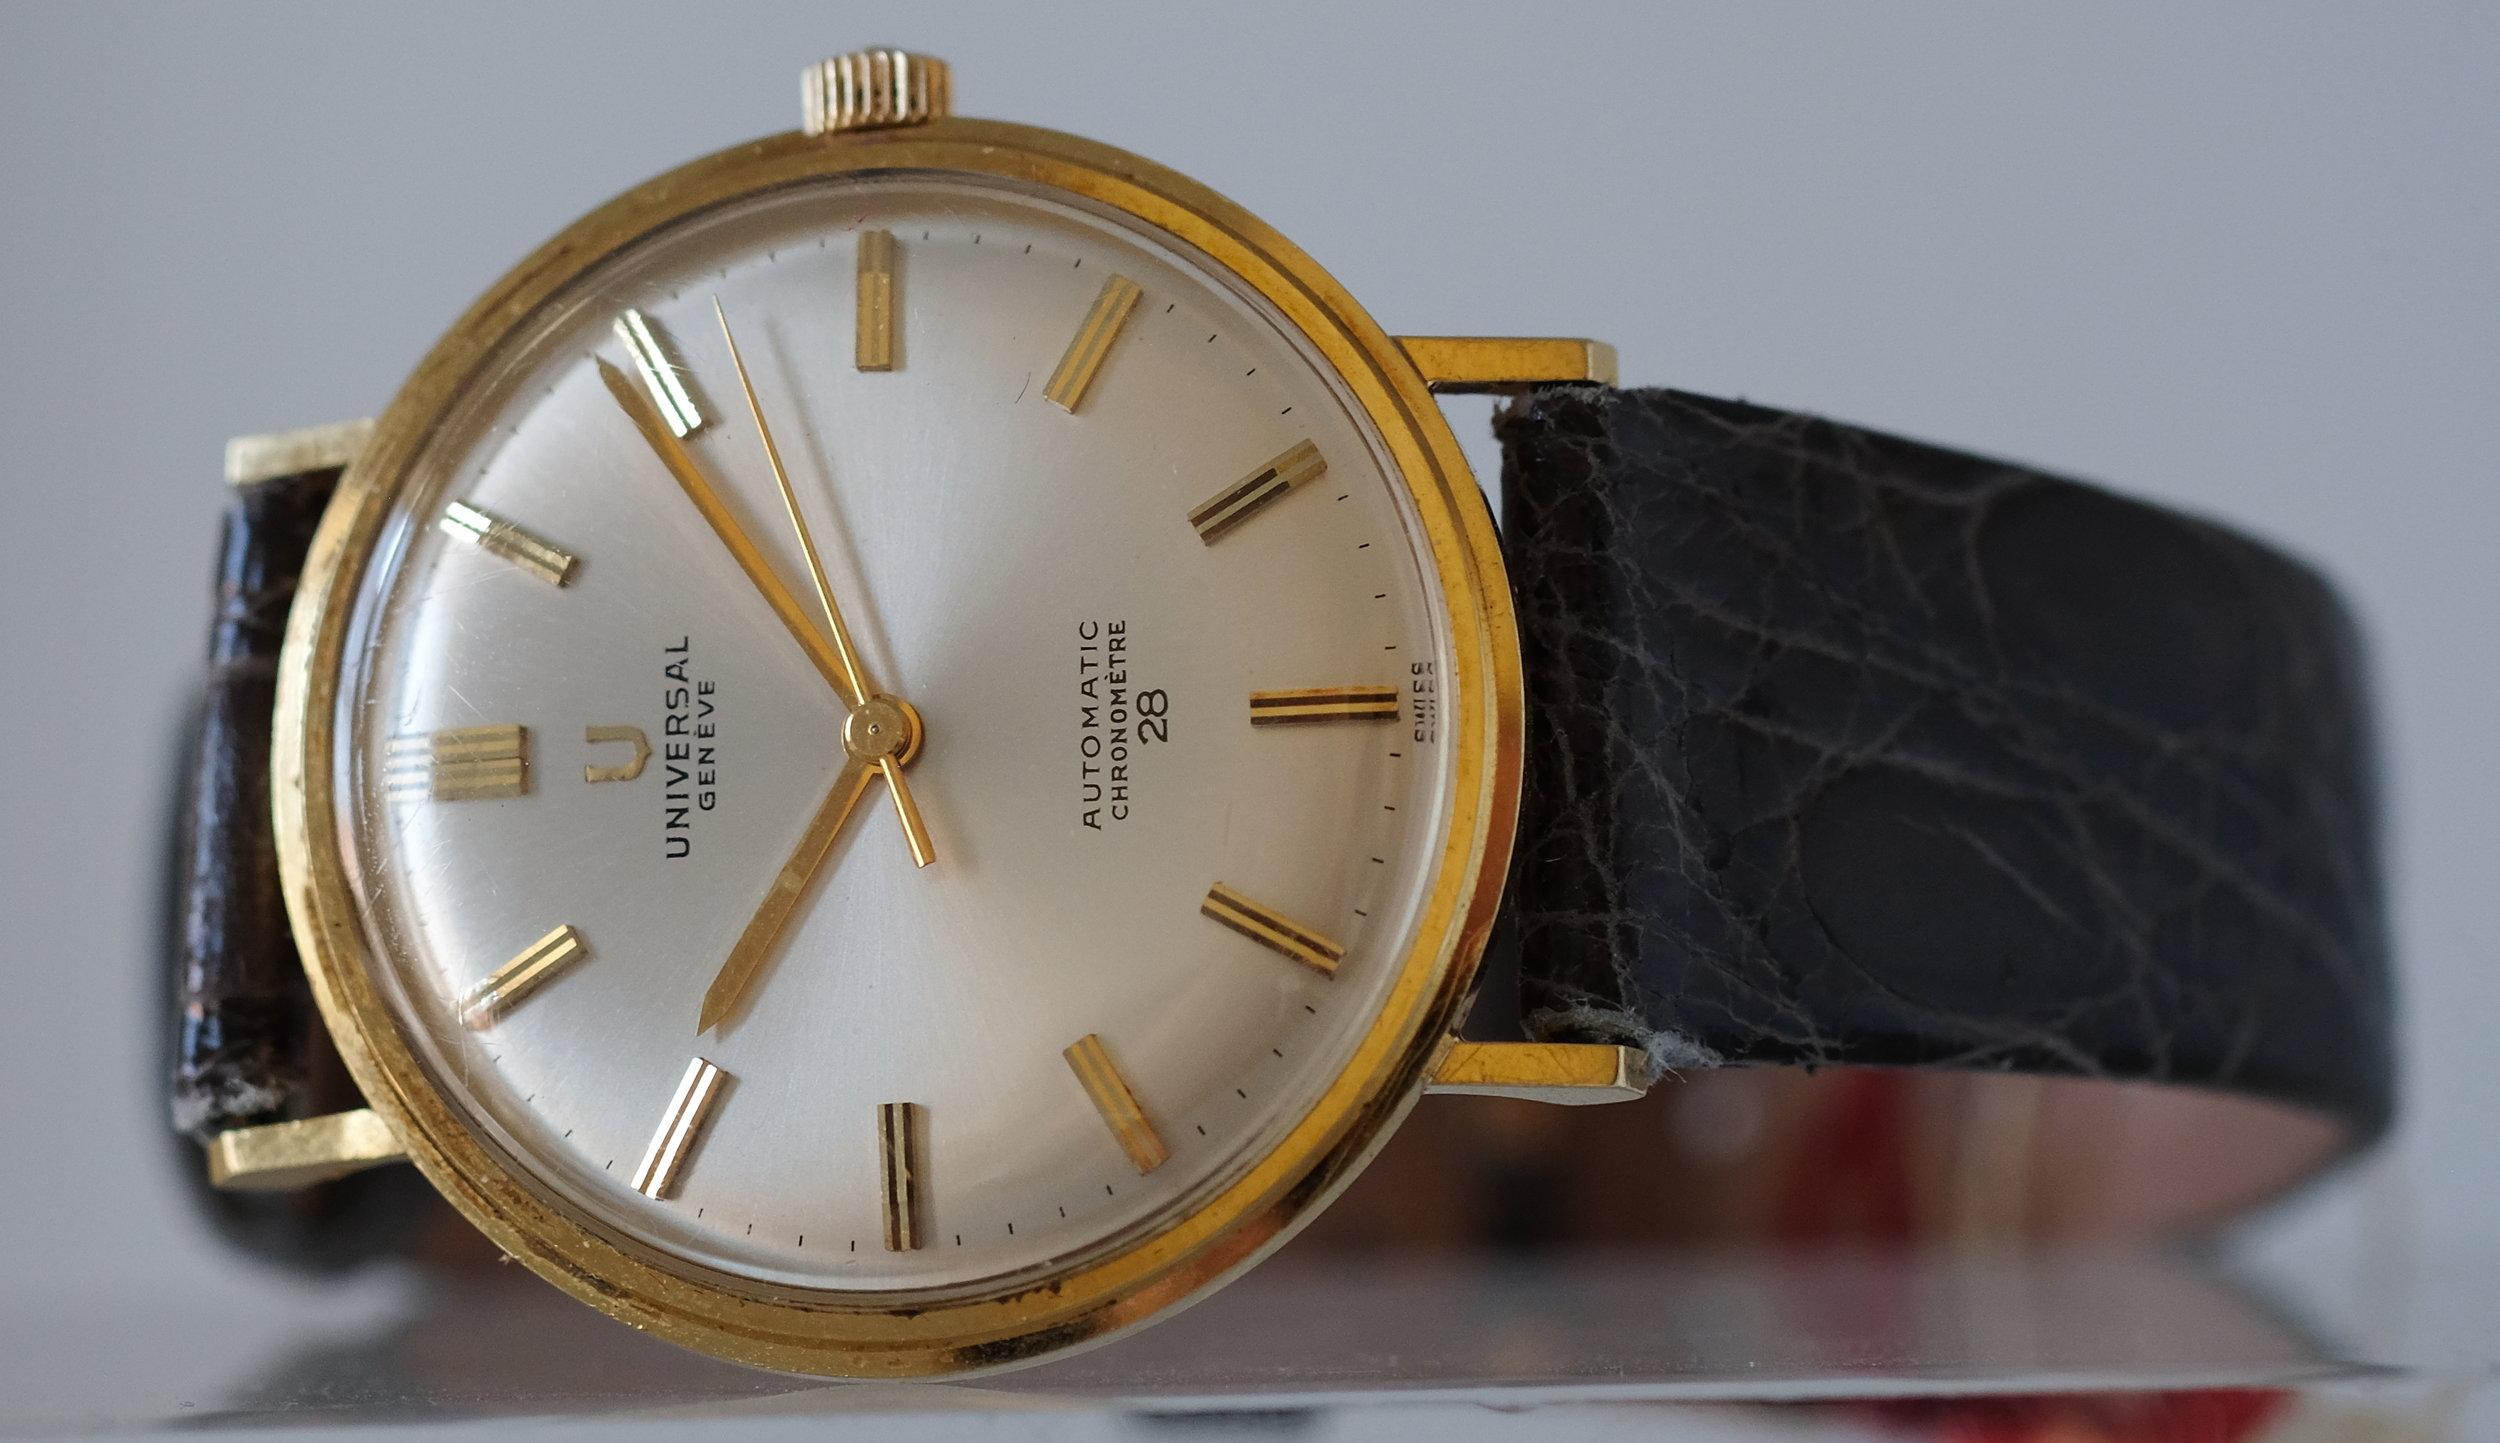 UG-Chronometer-28